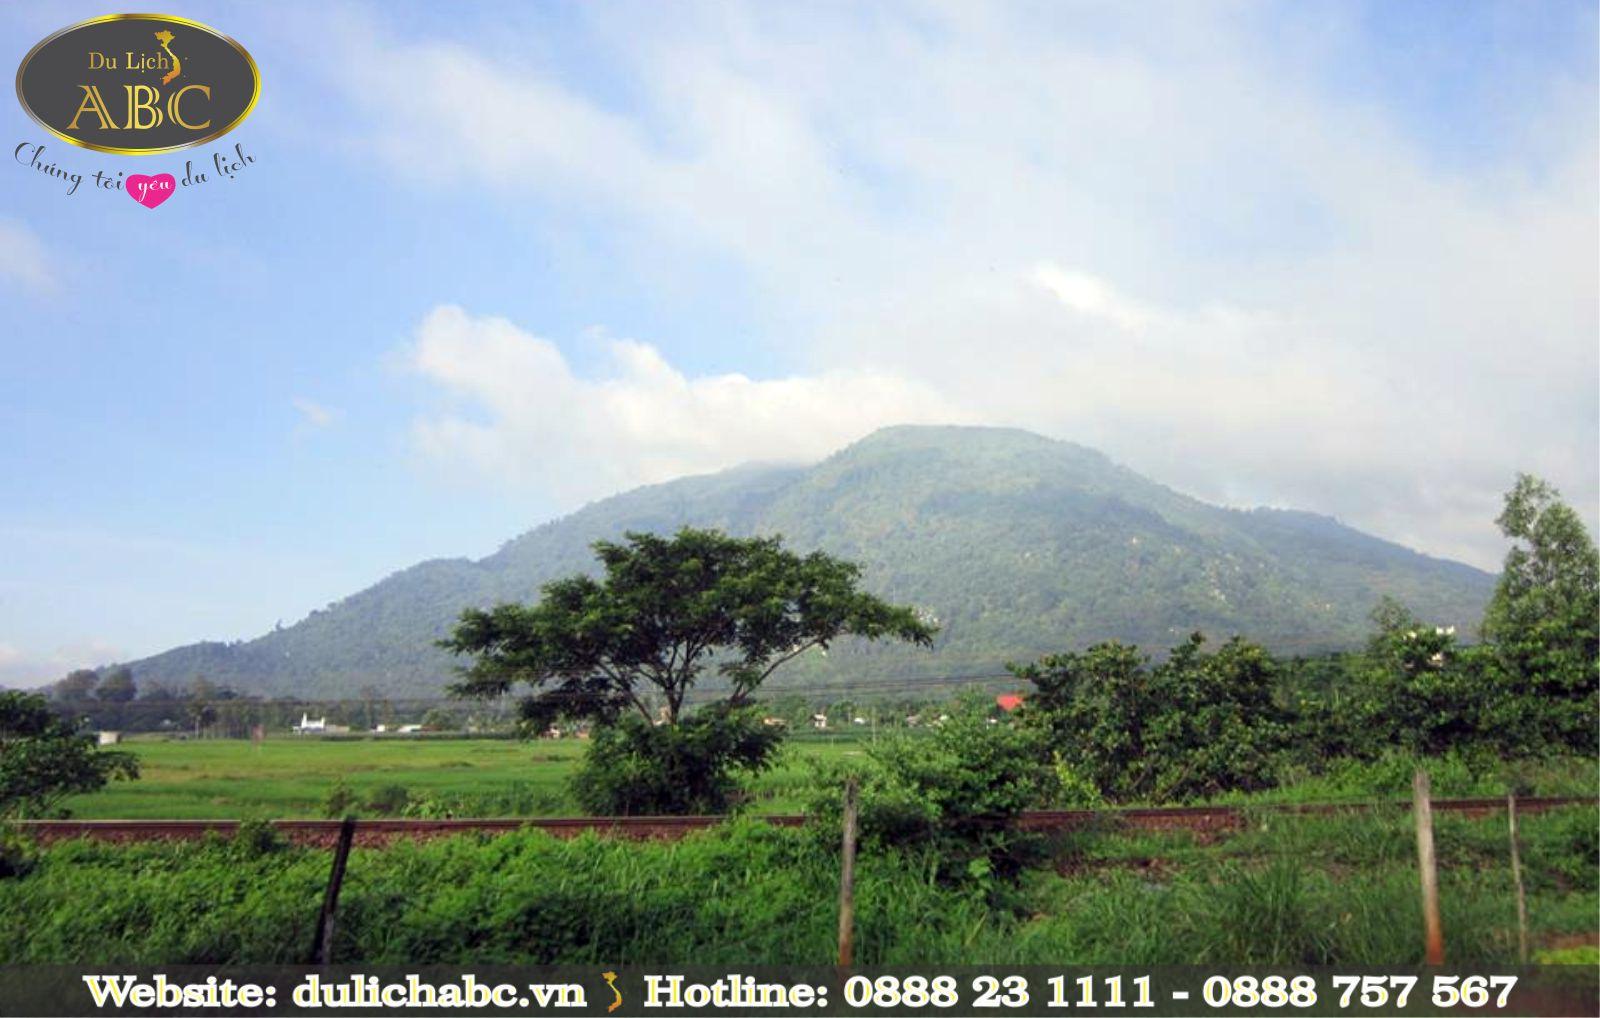 Núi Chứa Chan - Điểm Tham Quan Du Lịch Mới Và Hấp Dẫn Nhất